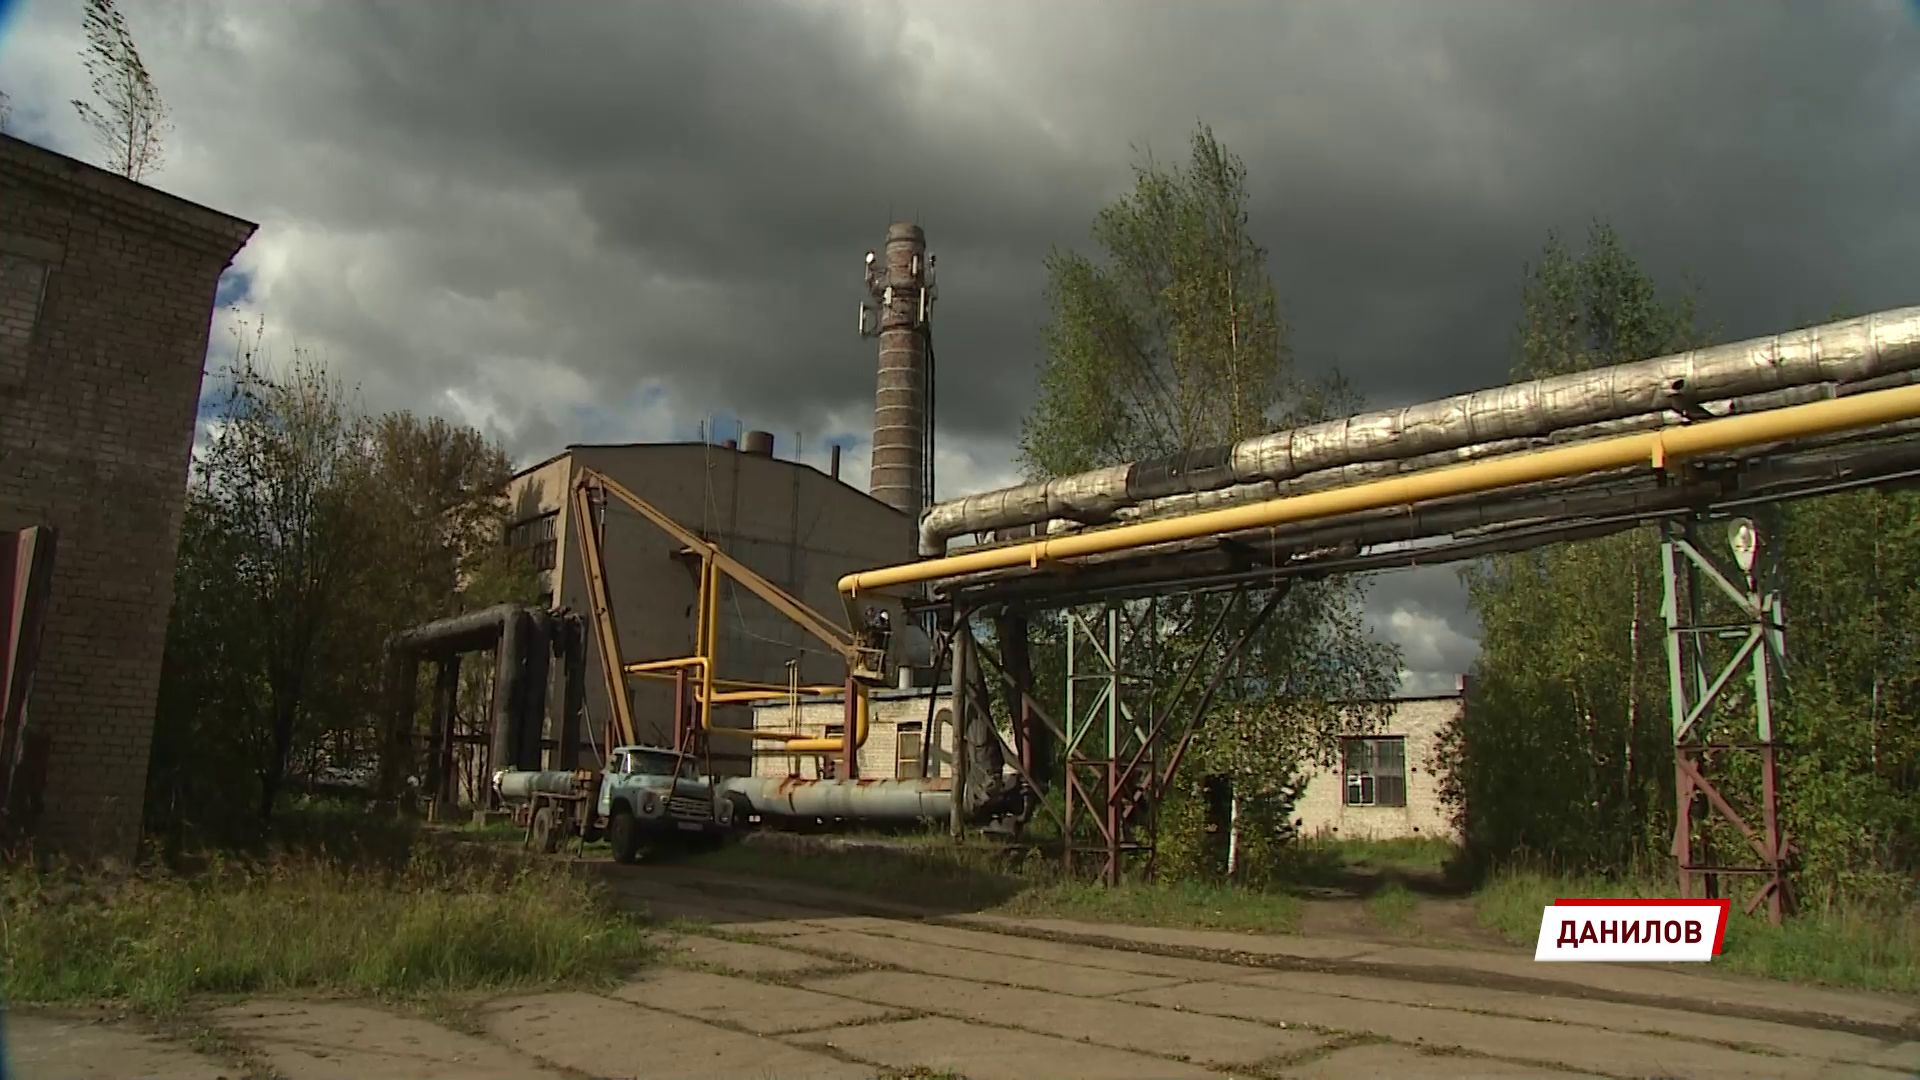 В Данилове начнут подключение тепла 21 сентября